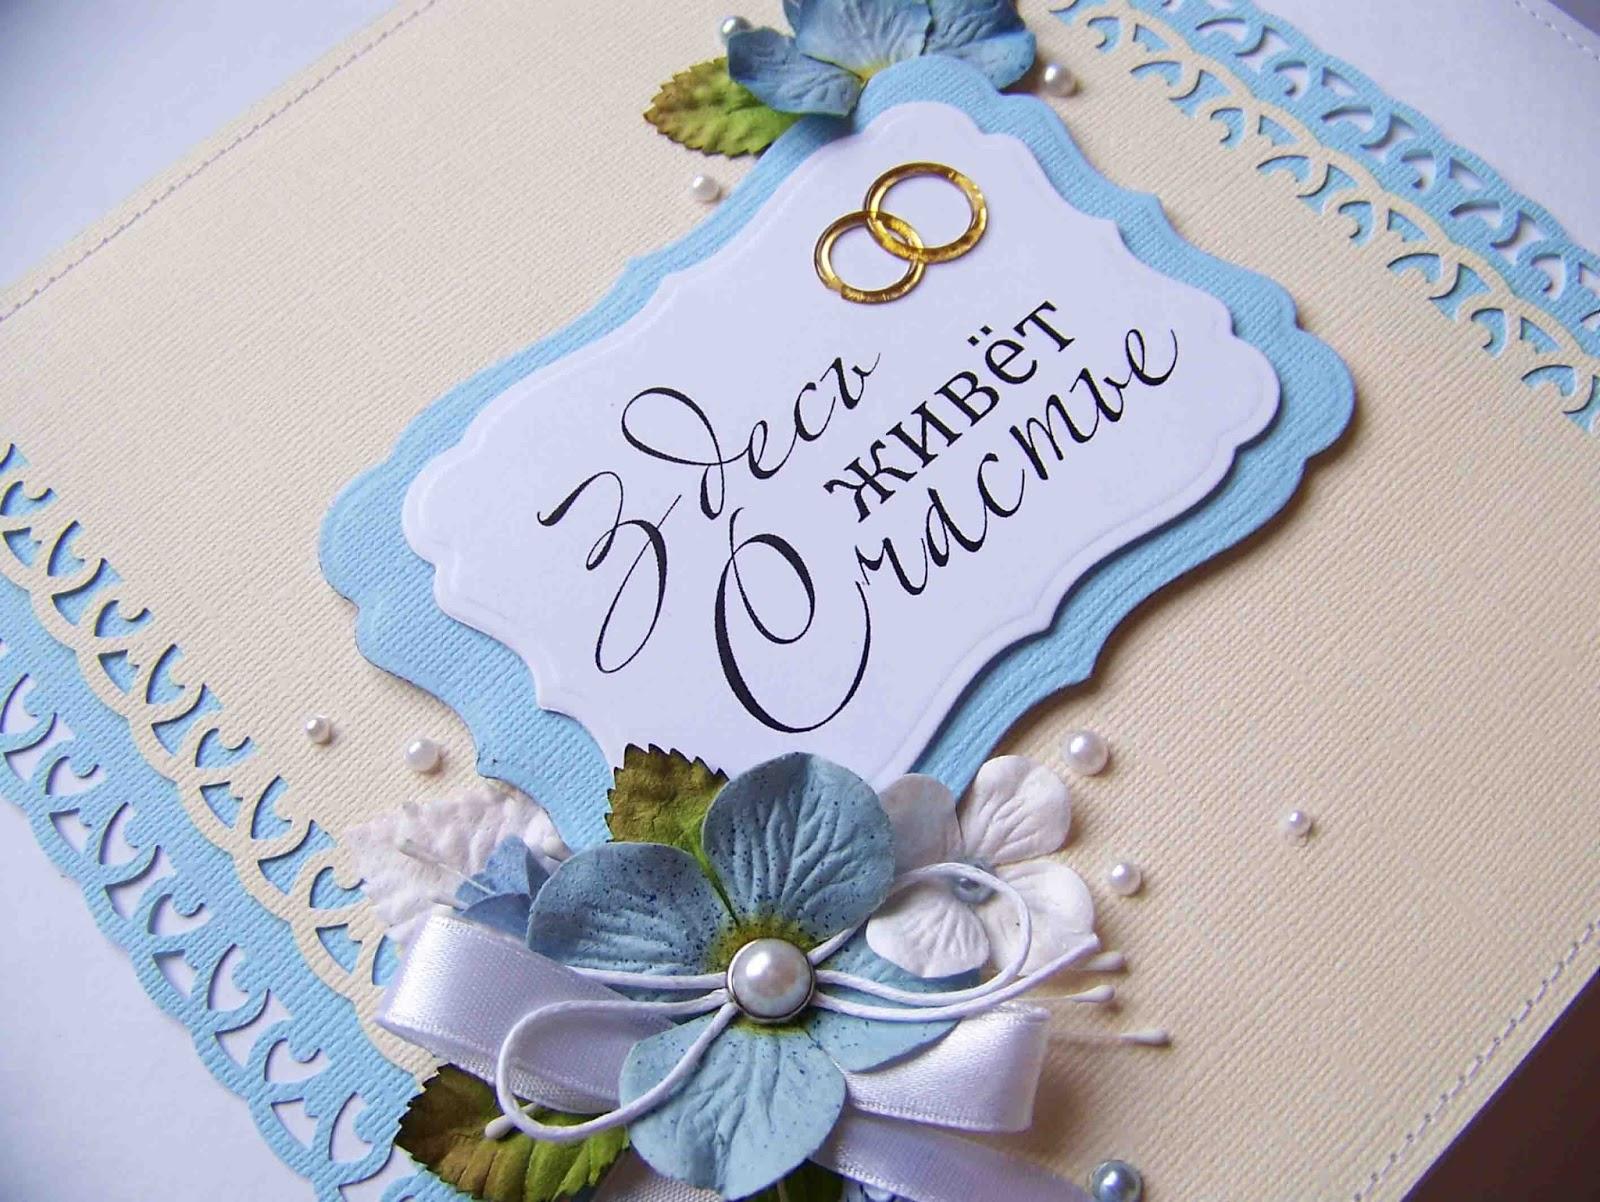 Надписью линда, фото открытка с юбилеем свадьбы